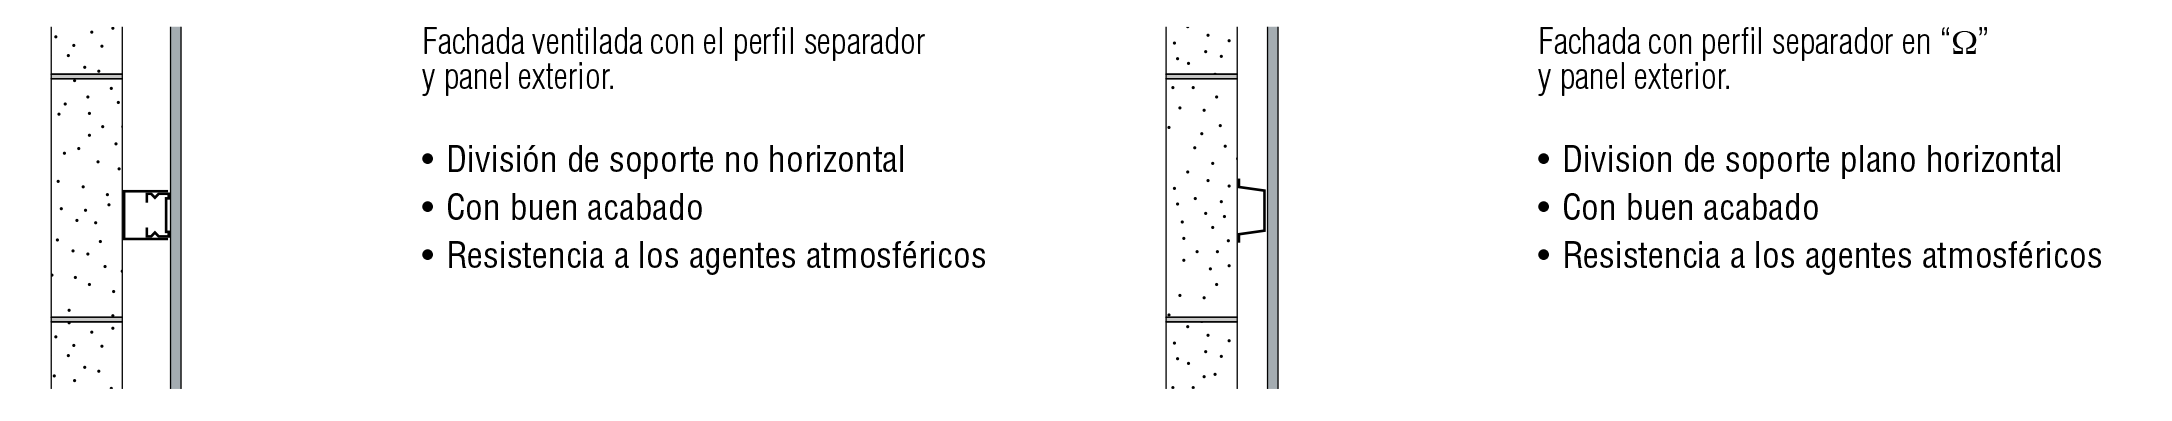 Fachadas Ventiladas para Recuperacion en Ambientes Humedos